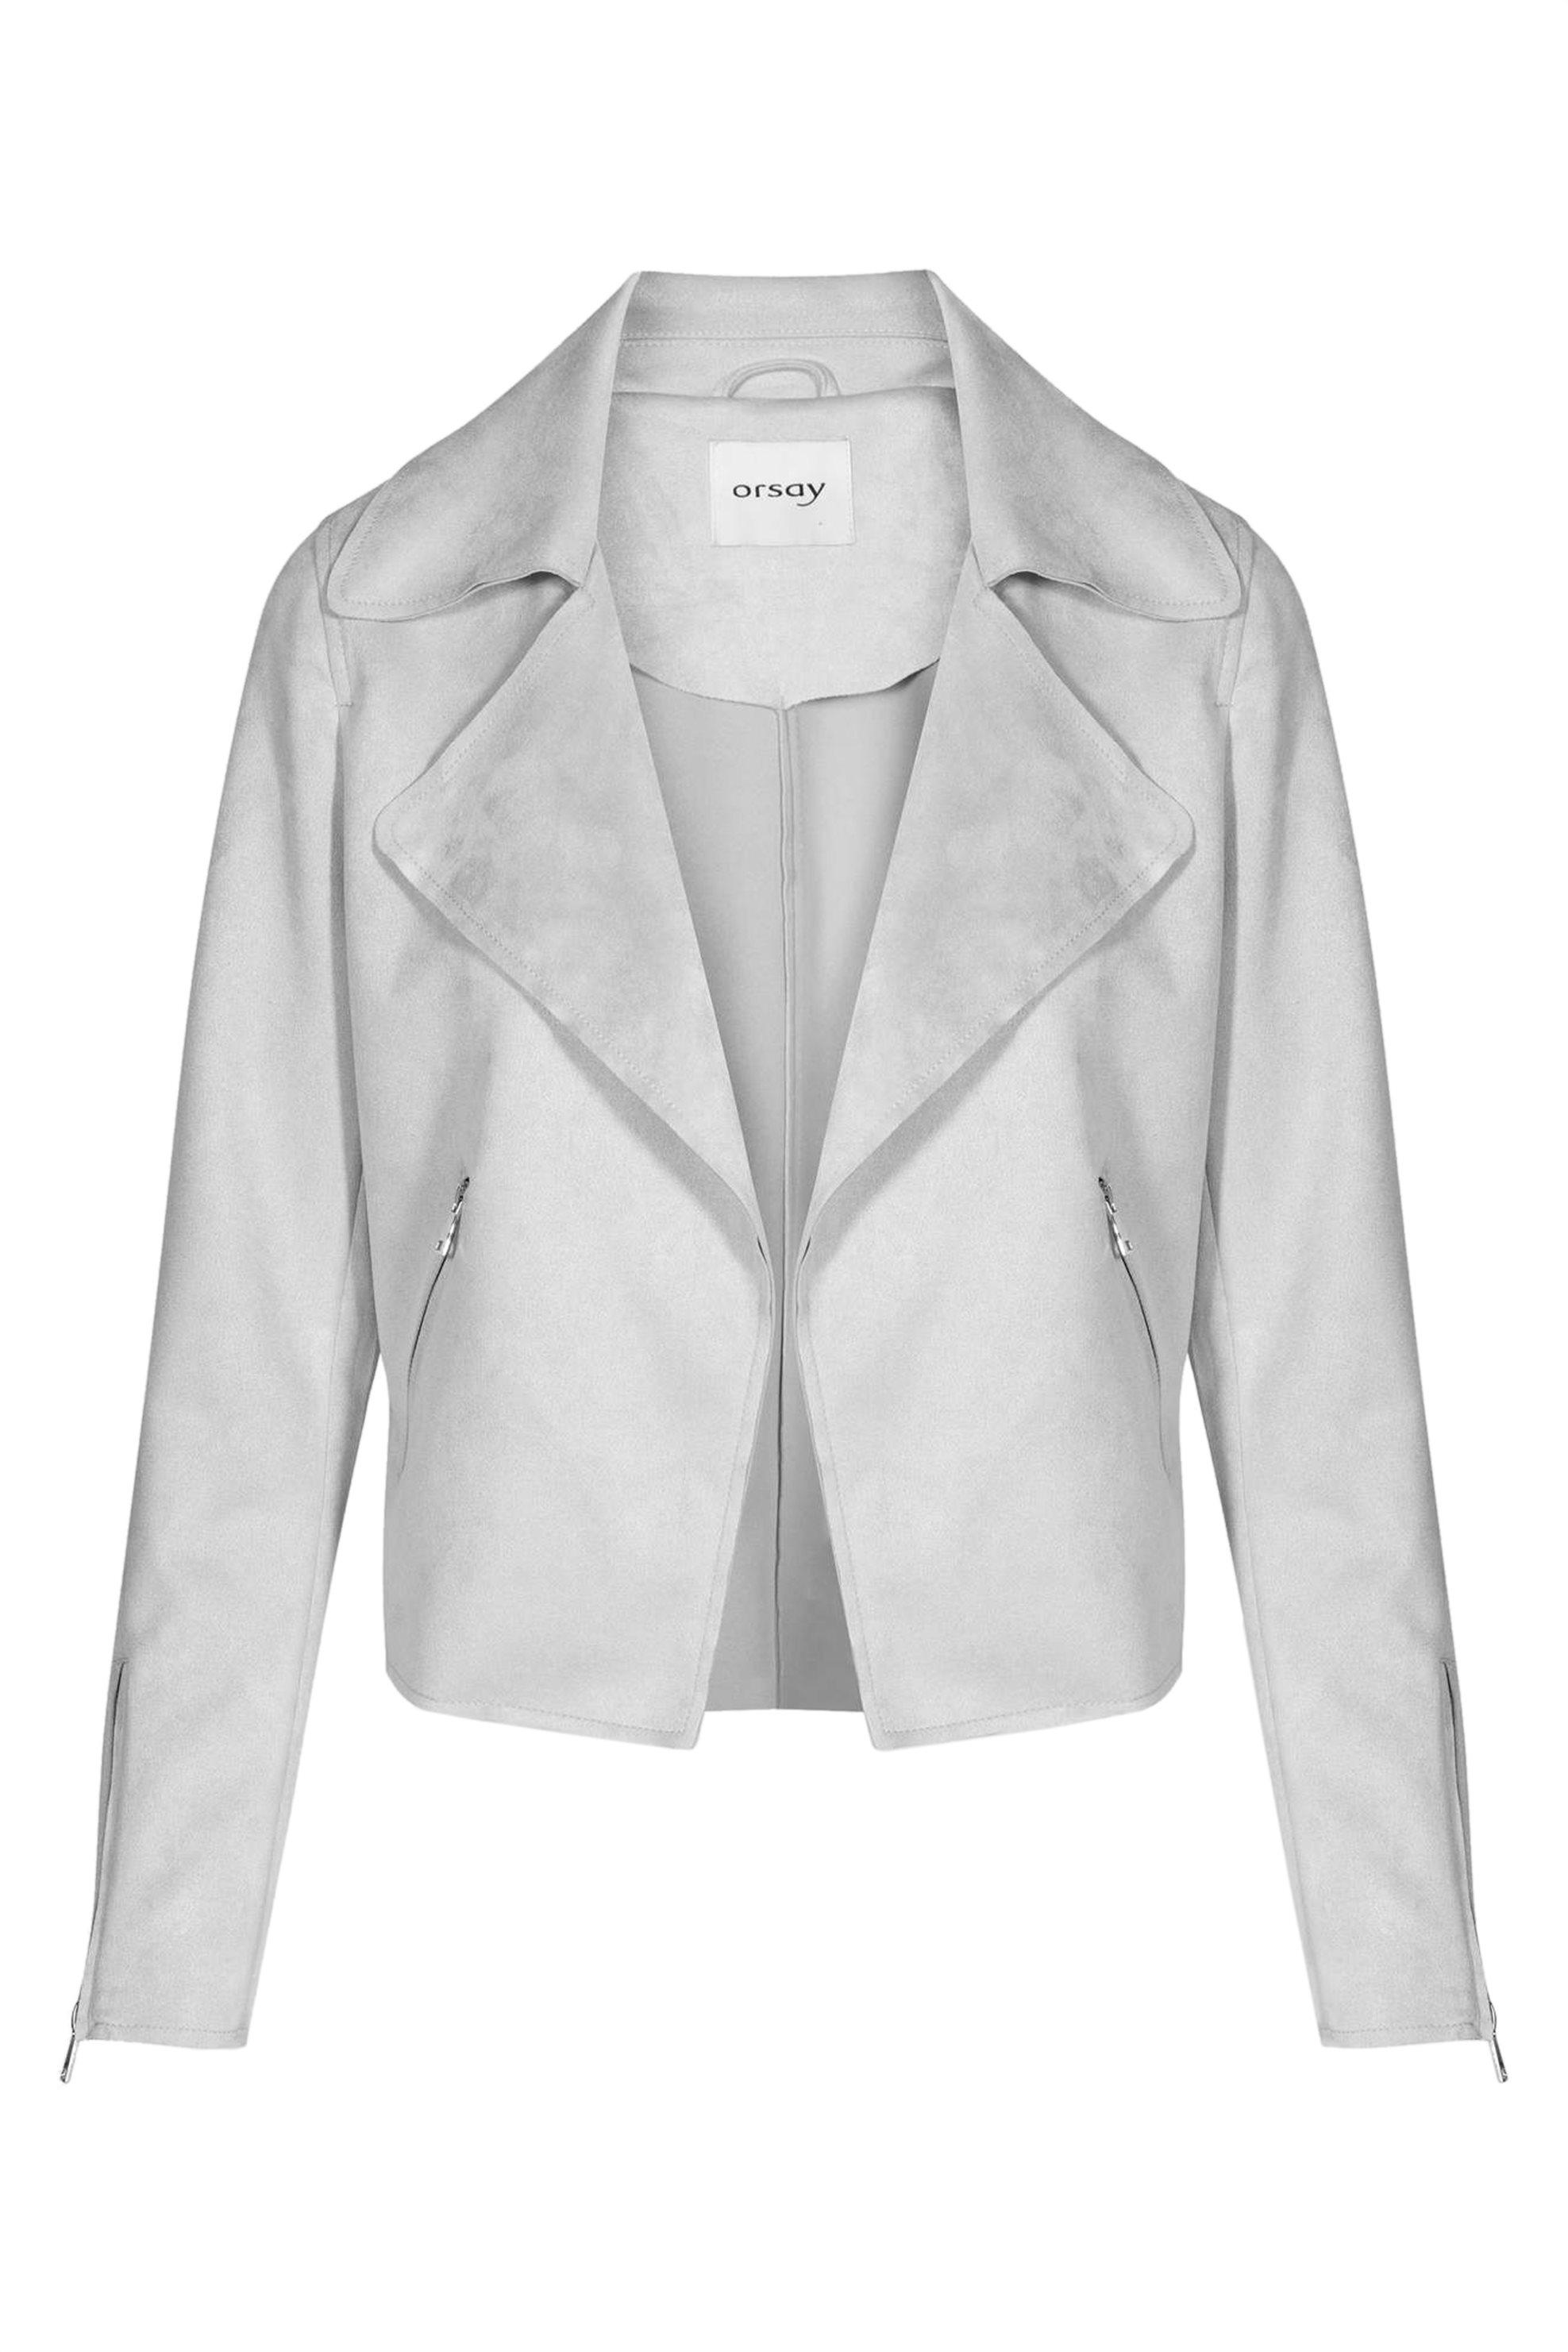 Orsay γυναικείο suede jacket με φαρδύ γιακά - 845004-692000 - Γκρι γυναικα   ρουχα   πανωφόρια   μπουφάν   σακάκια   δερμάτινα   faux δέρμα   σακάκ